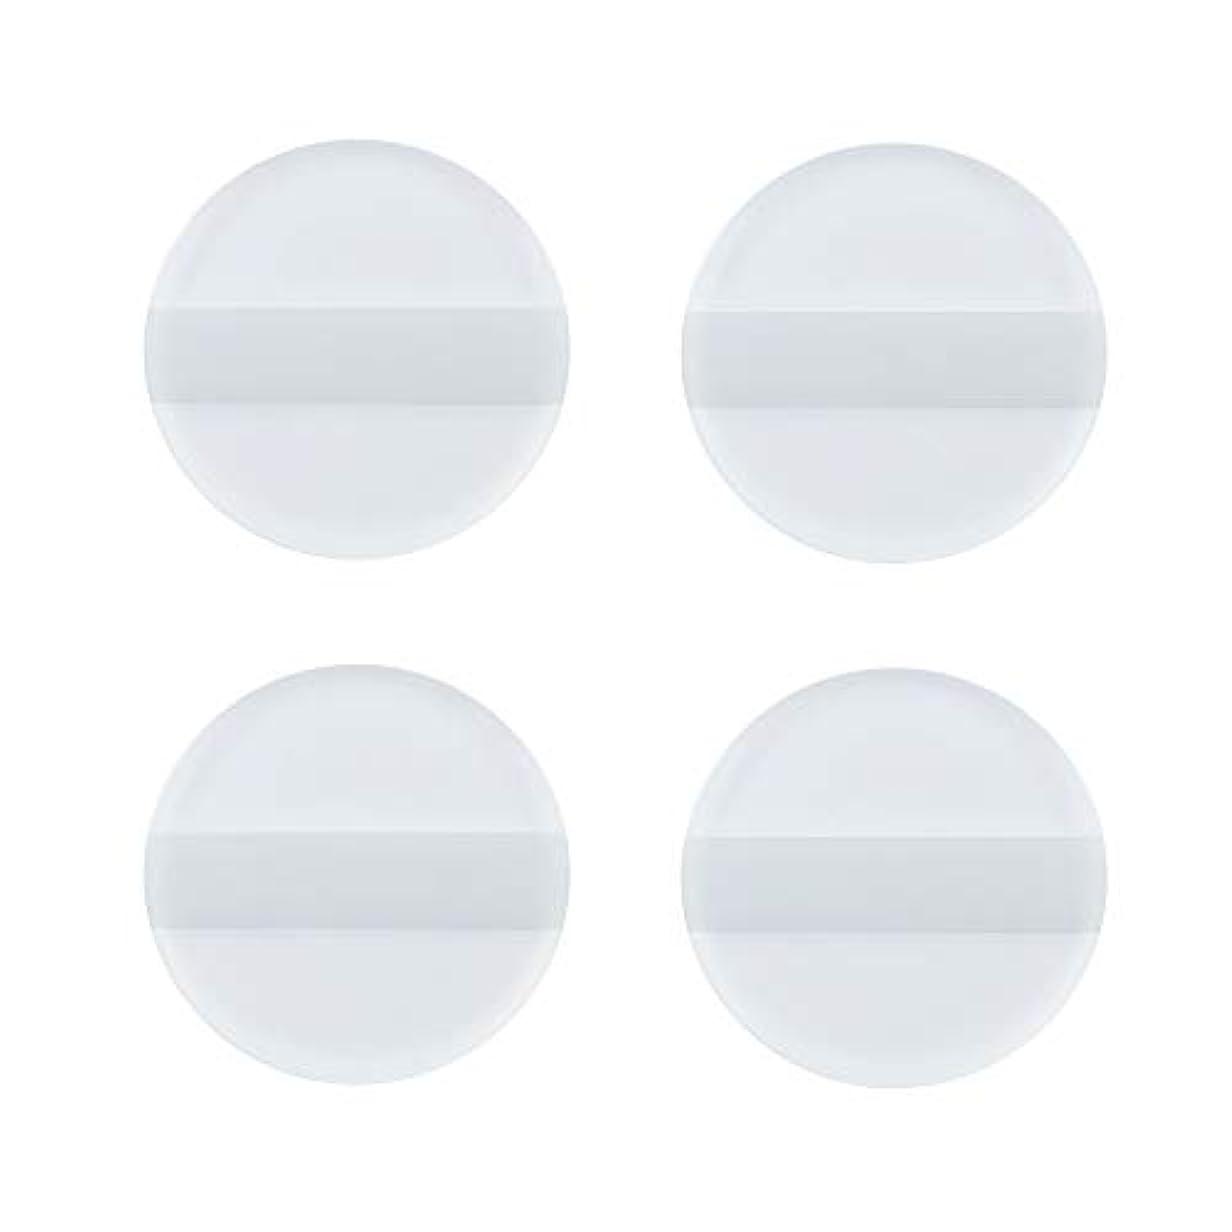 音楽を聴く昆虫歴史SHARE BEAUTY シリコンパフ ゲルパフ ゼリーパフ 4枚入り 円形 柔らかい 透明 軽量 コンパクト ファンデーション吸収しない 化粧品を節約 清潔しやすい 衛生 メイク用 ケース付き